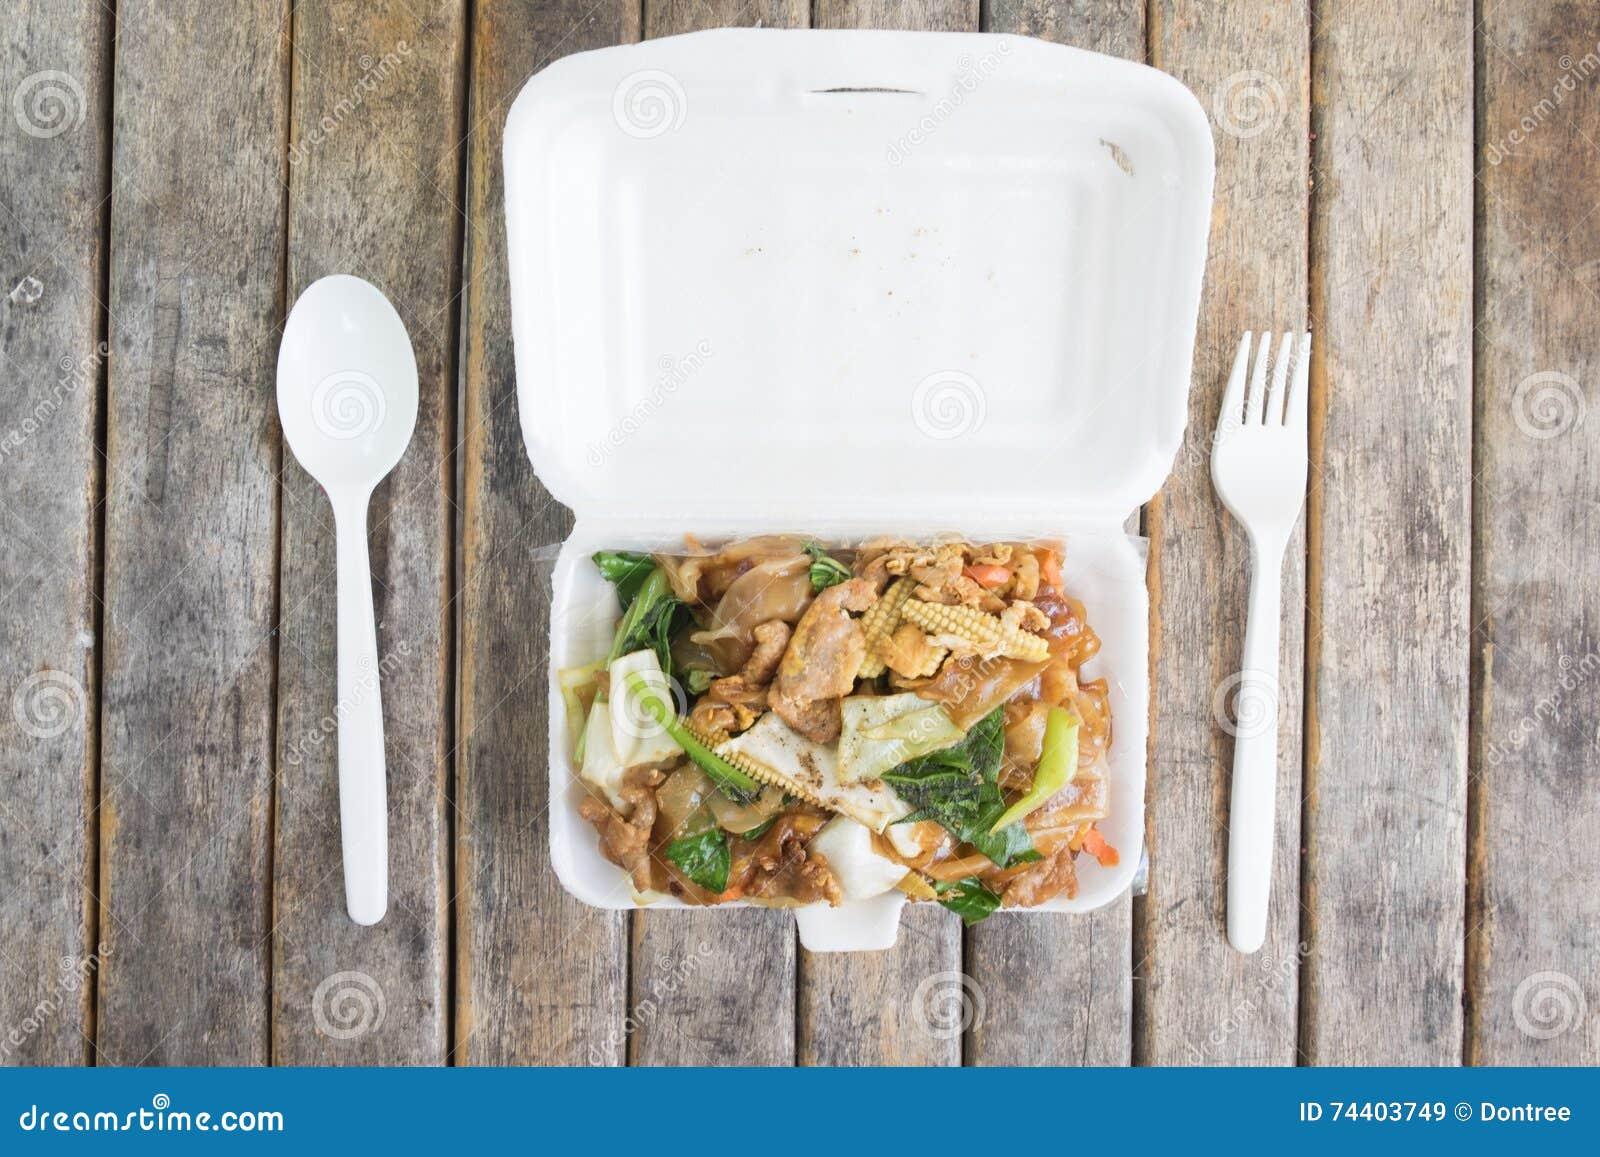 Stir soy sauce in foam box